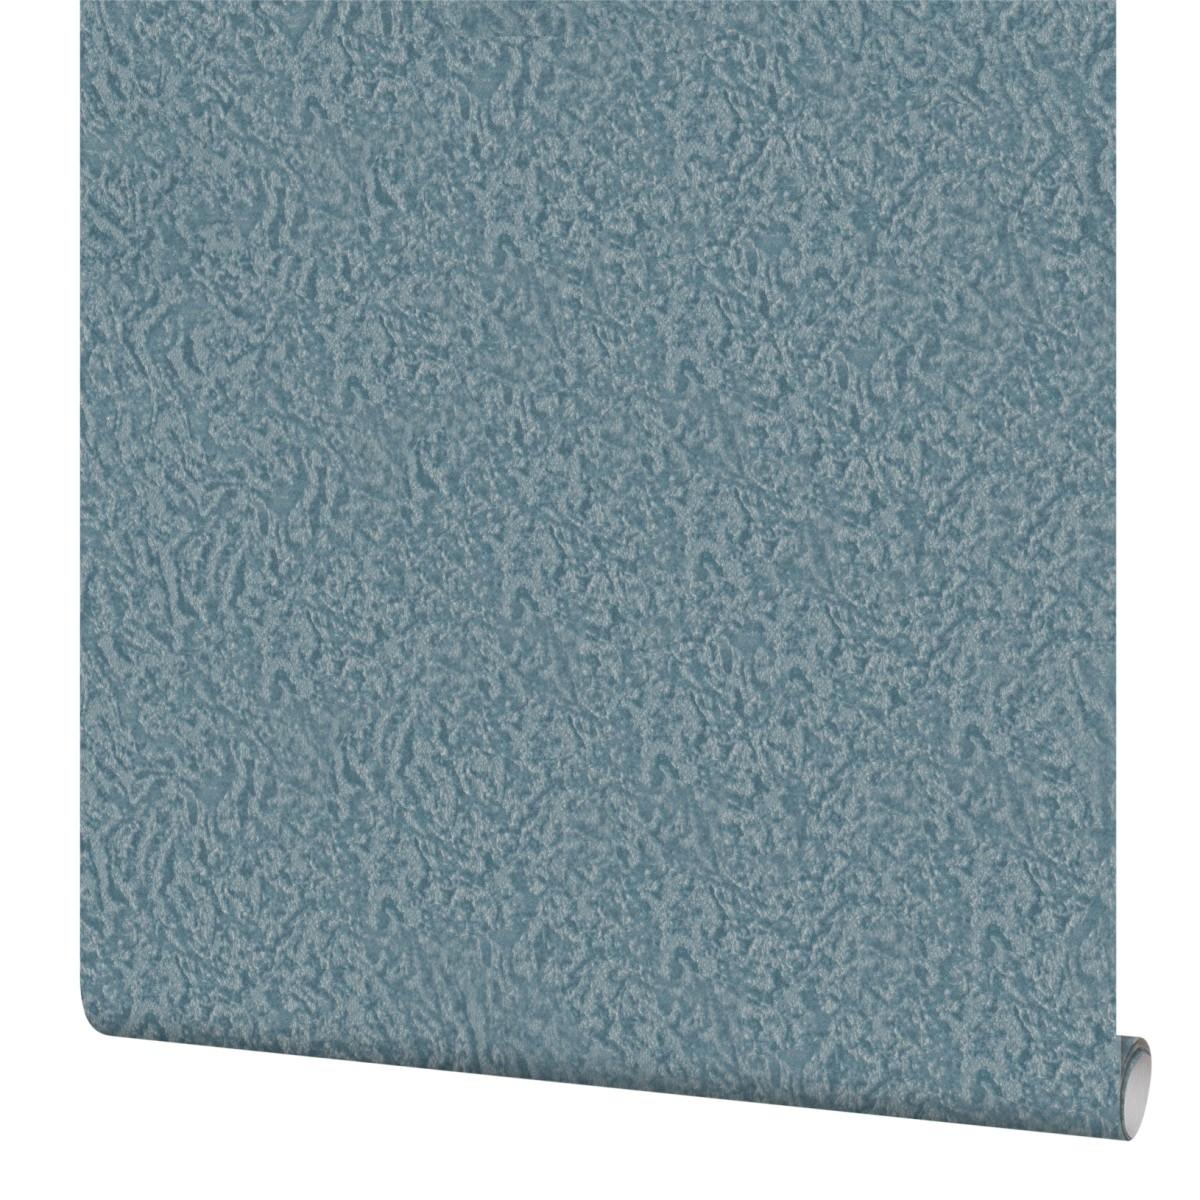 Обои флизелиновые Артекс Сирмионе синие 1.06 м 10108-04